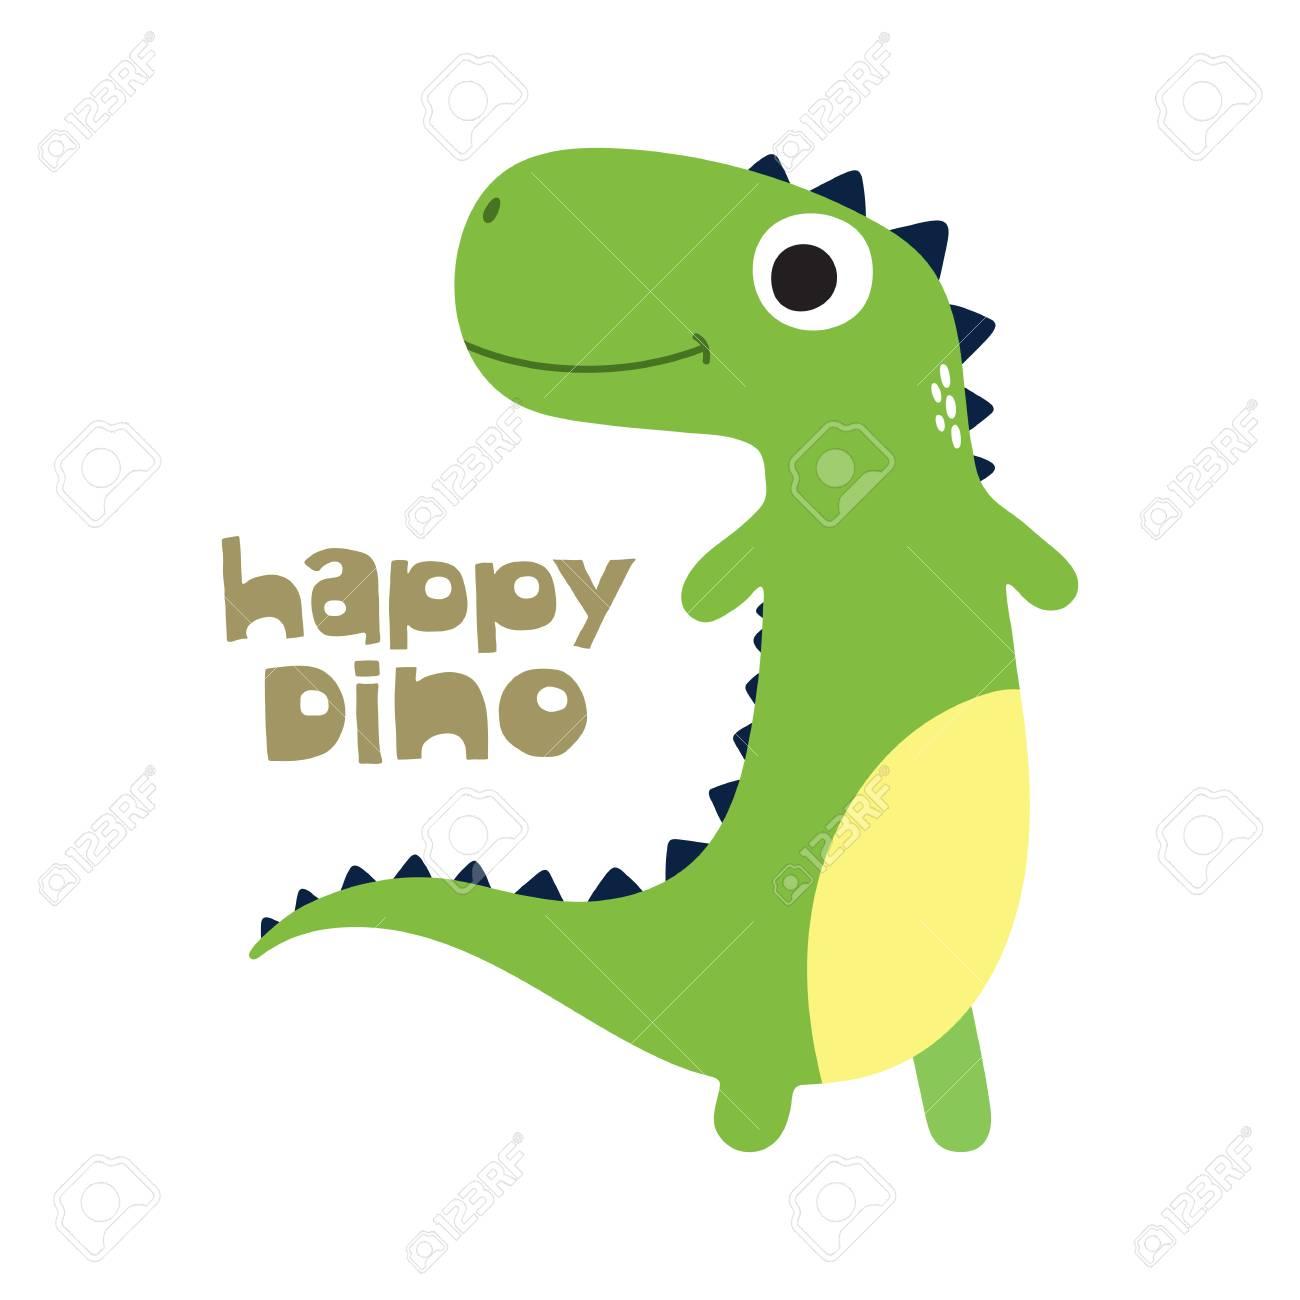 Clip Art Cute Cartoon Dino Vector Illustration Happy Dino Stock Vector 87052093 123rfcom Cute Cartoon Dino Vector Illustration Happy Dino Royalty Free